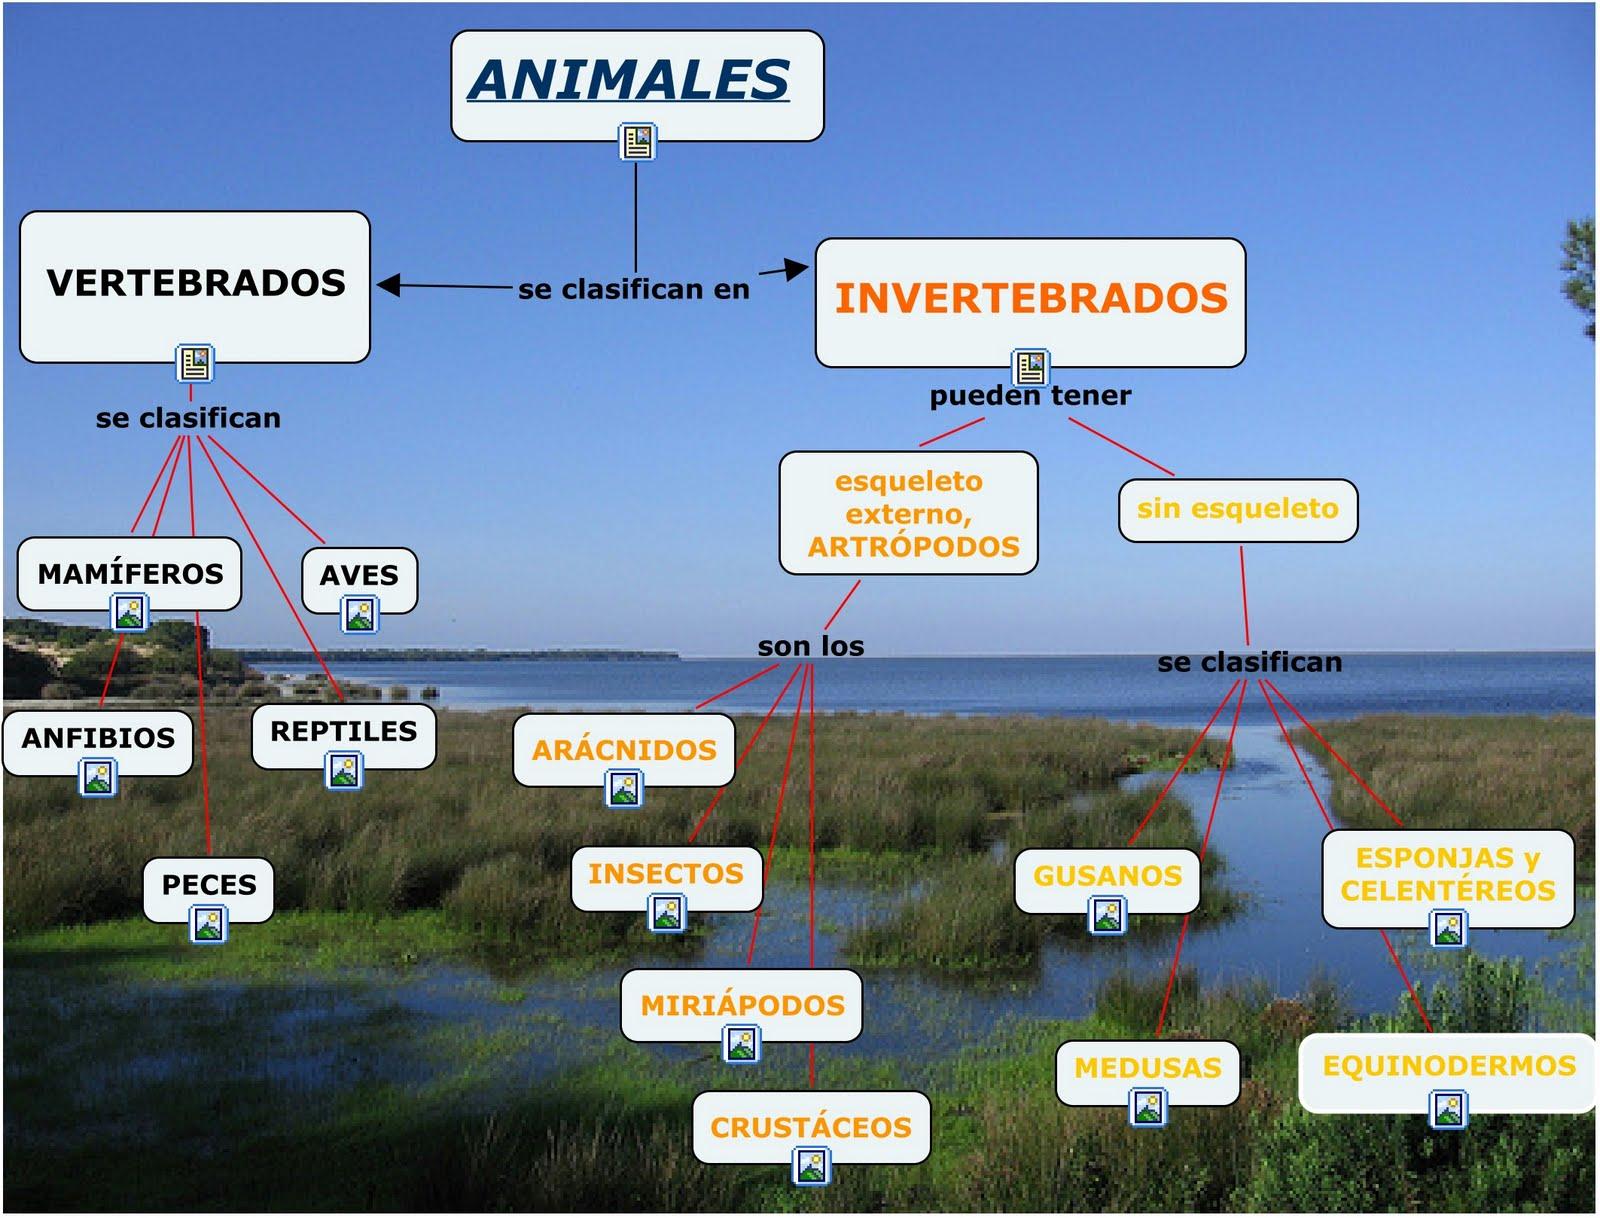 imagenes de animales invertebrados y vertebrados - animales vertebrados e invertebrados : fotos y fichas